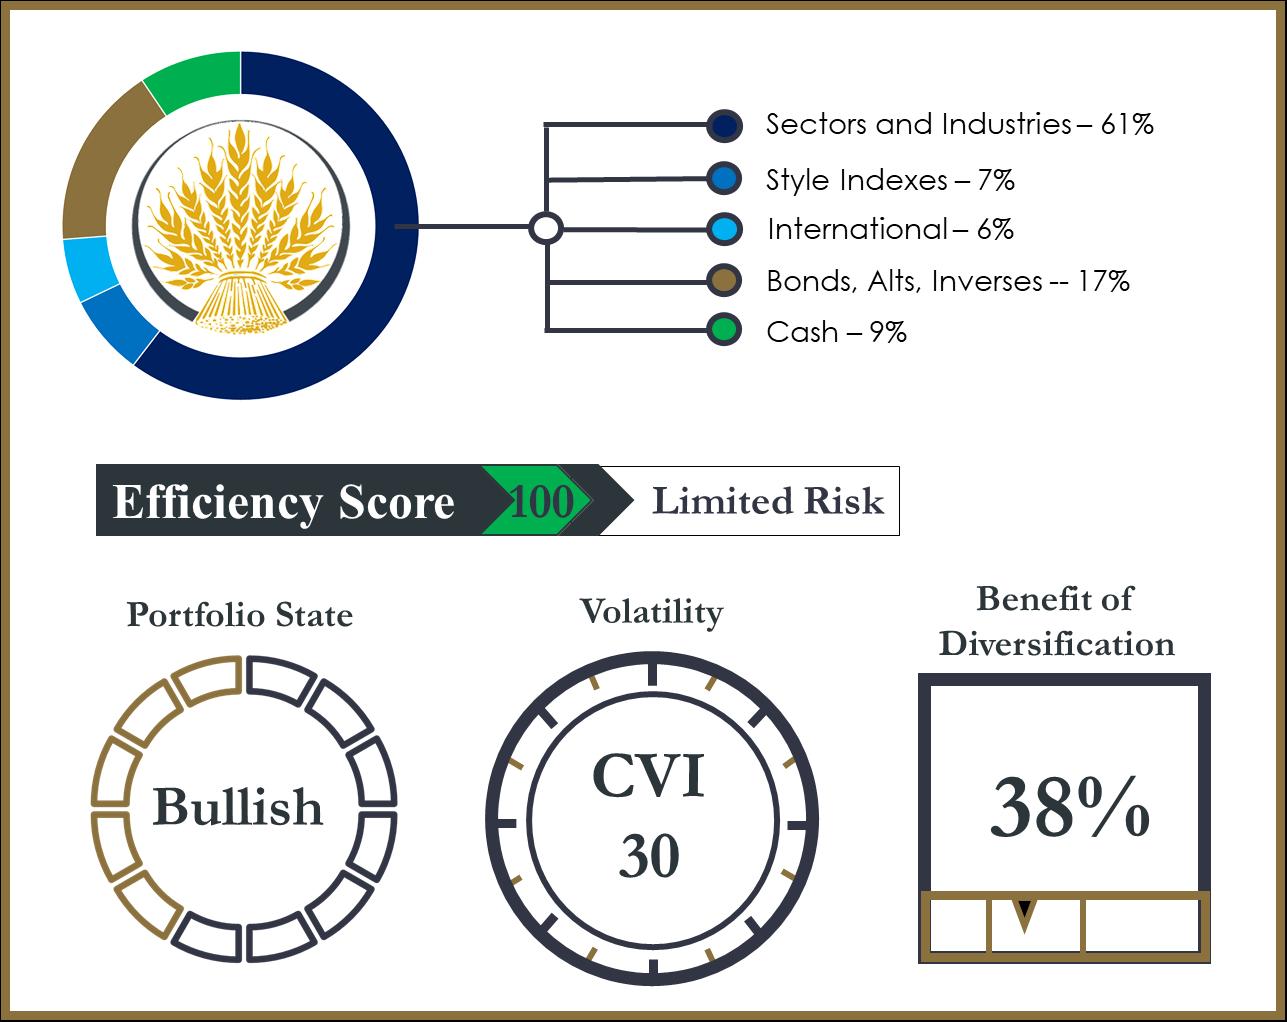 Efficiency Score